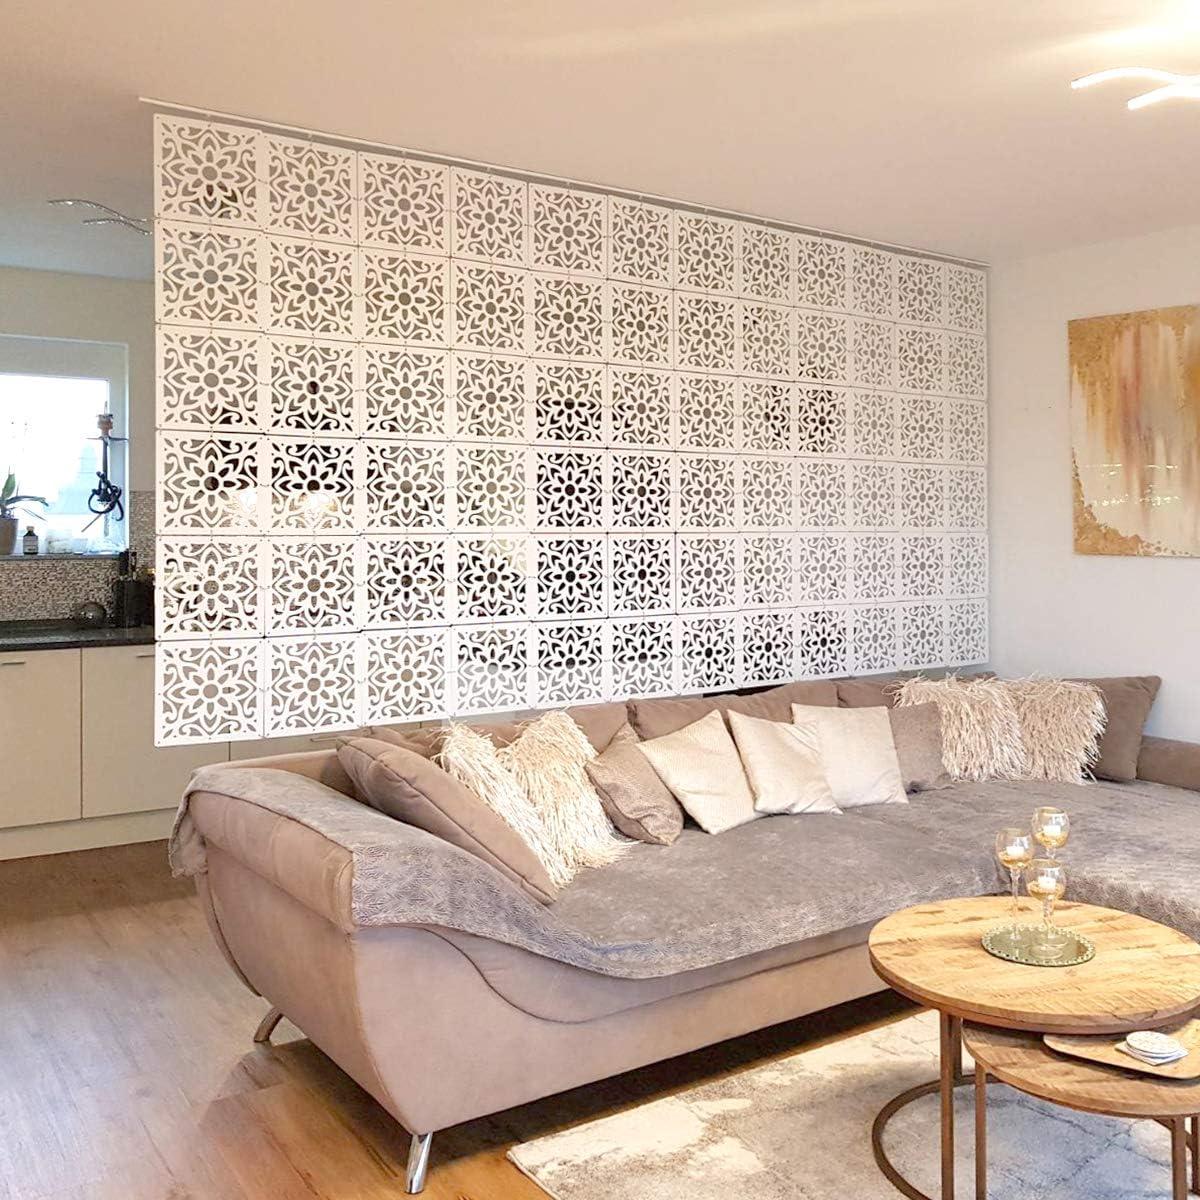 MYEUSSN Raumteiler Paravent Weiß DIY Paravents Raumtrenner Sichtschutz  Umweltfreundlichem PVC Holz-Plastik Trennwand Home Dekoration für  Wohnzimmer